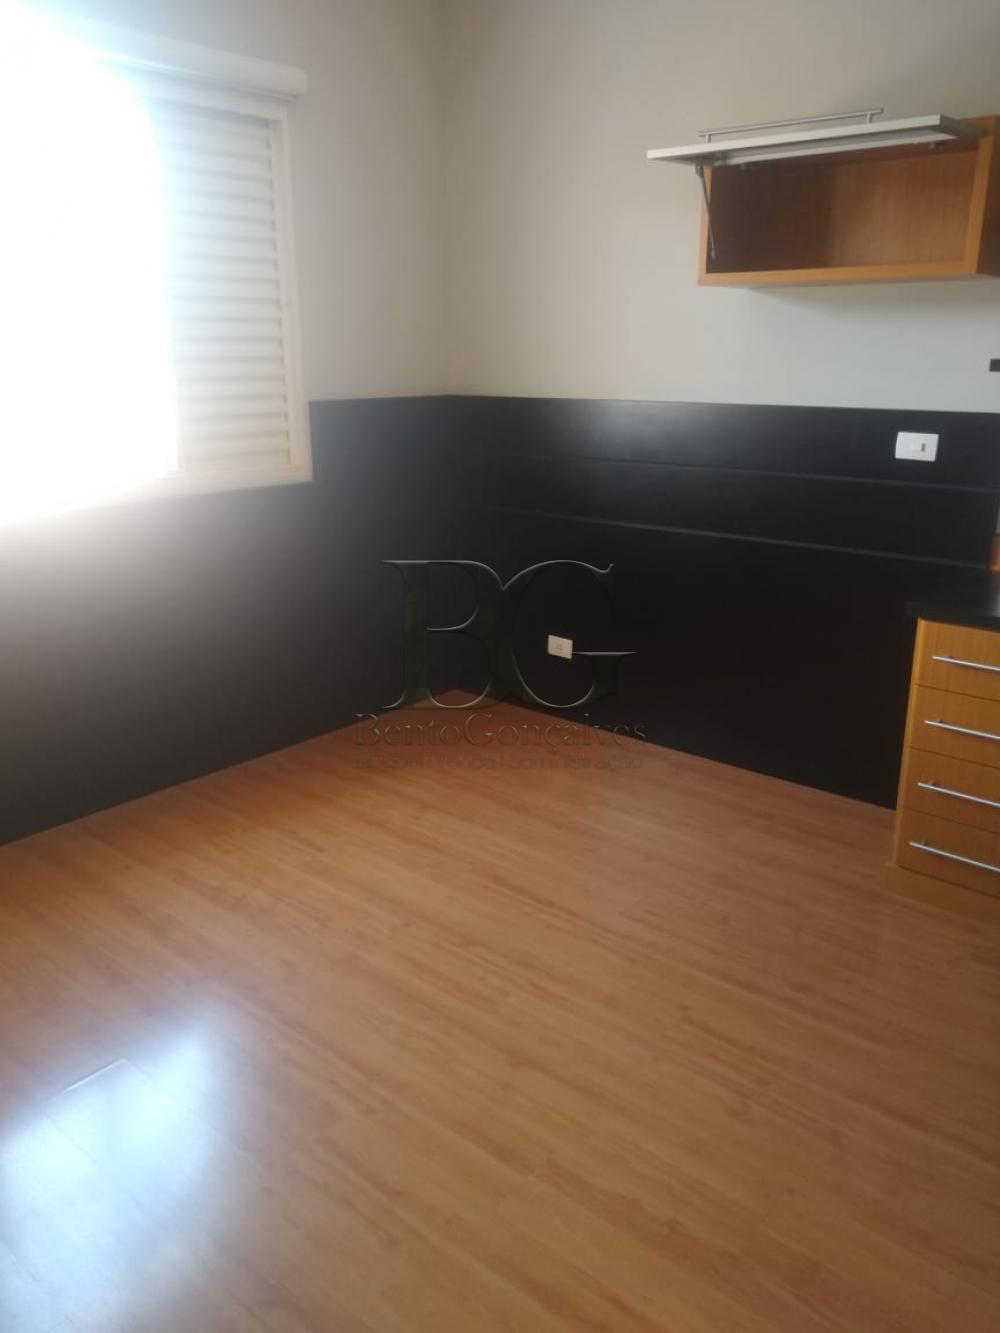 Comprar Casas / Padrão em Poços de Caldas apenas R$ 800.000,00 - Foto 10